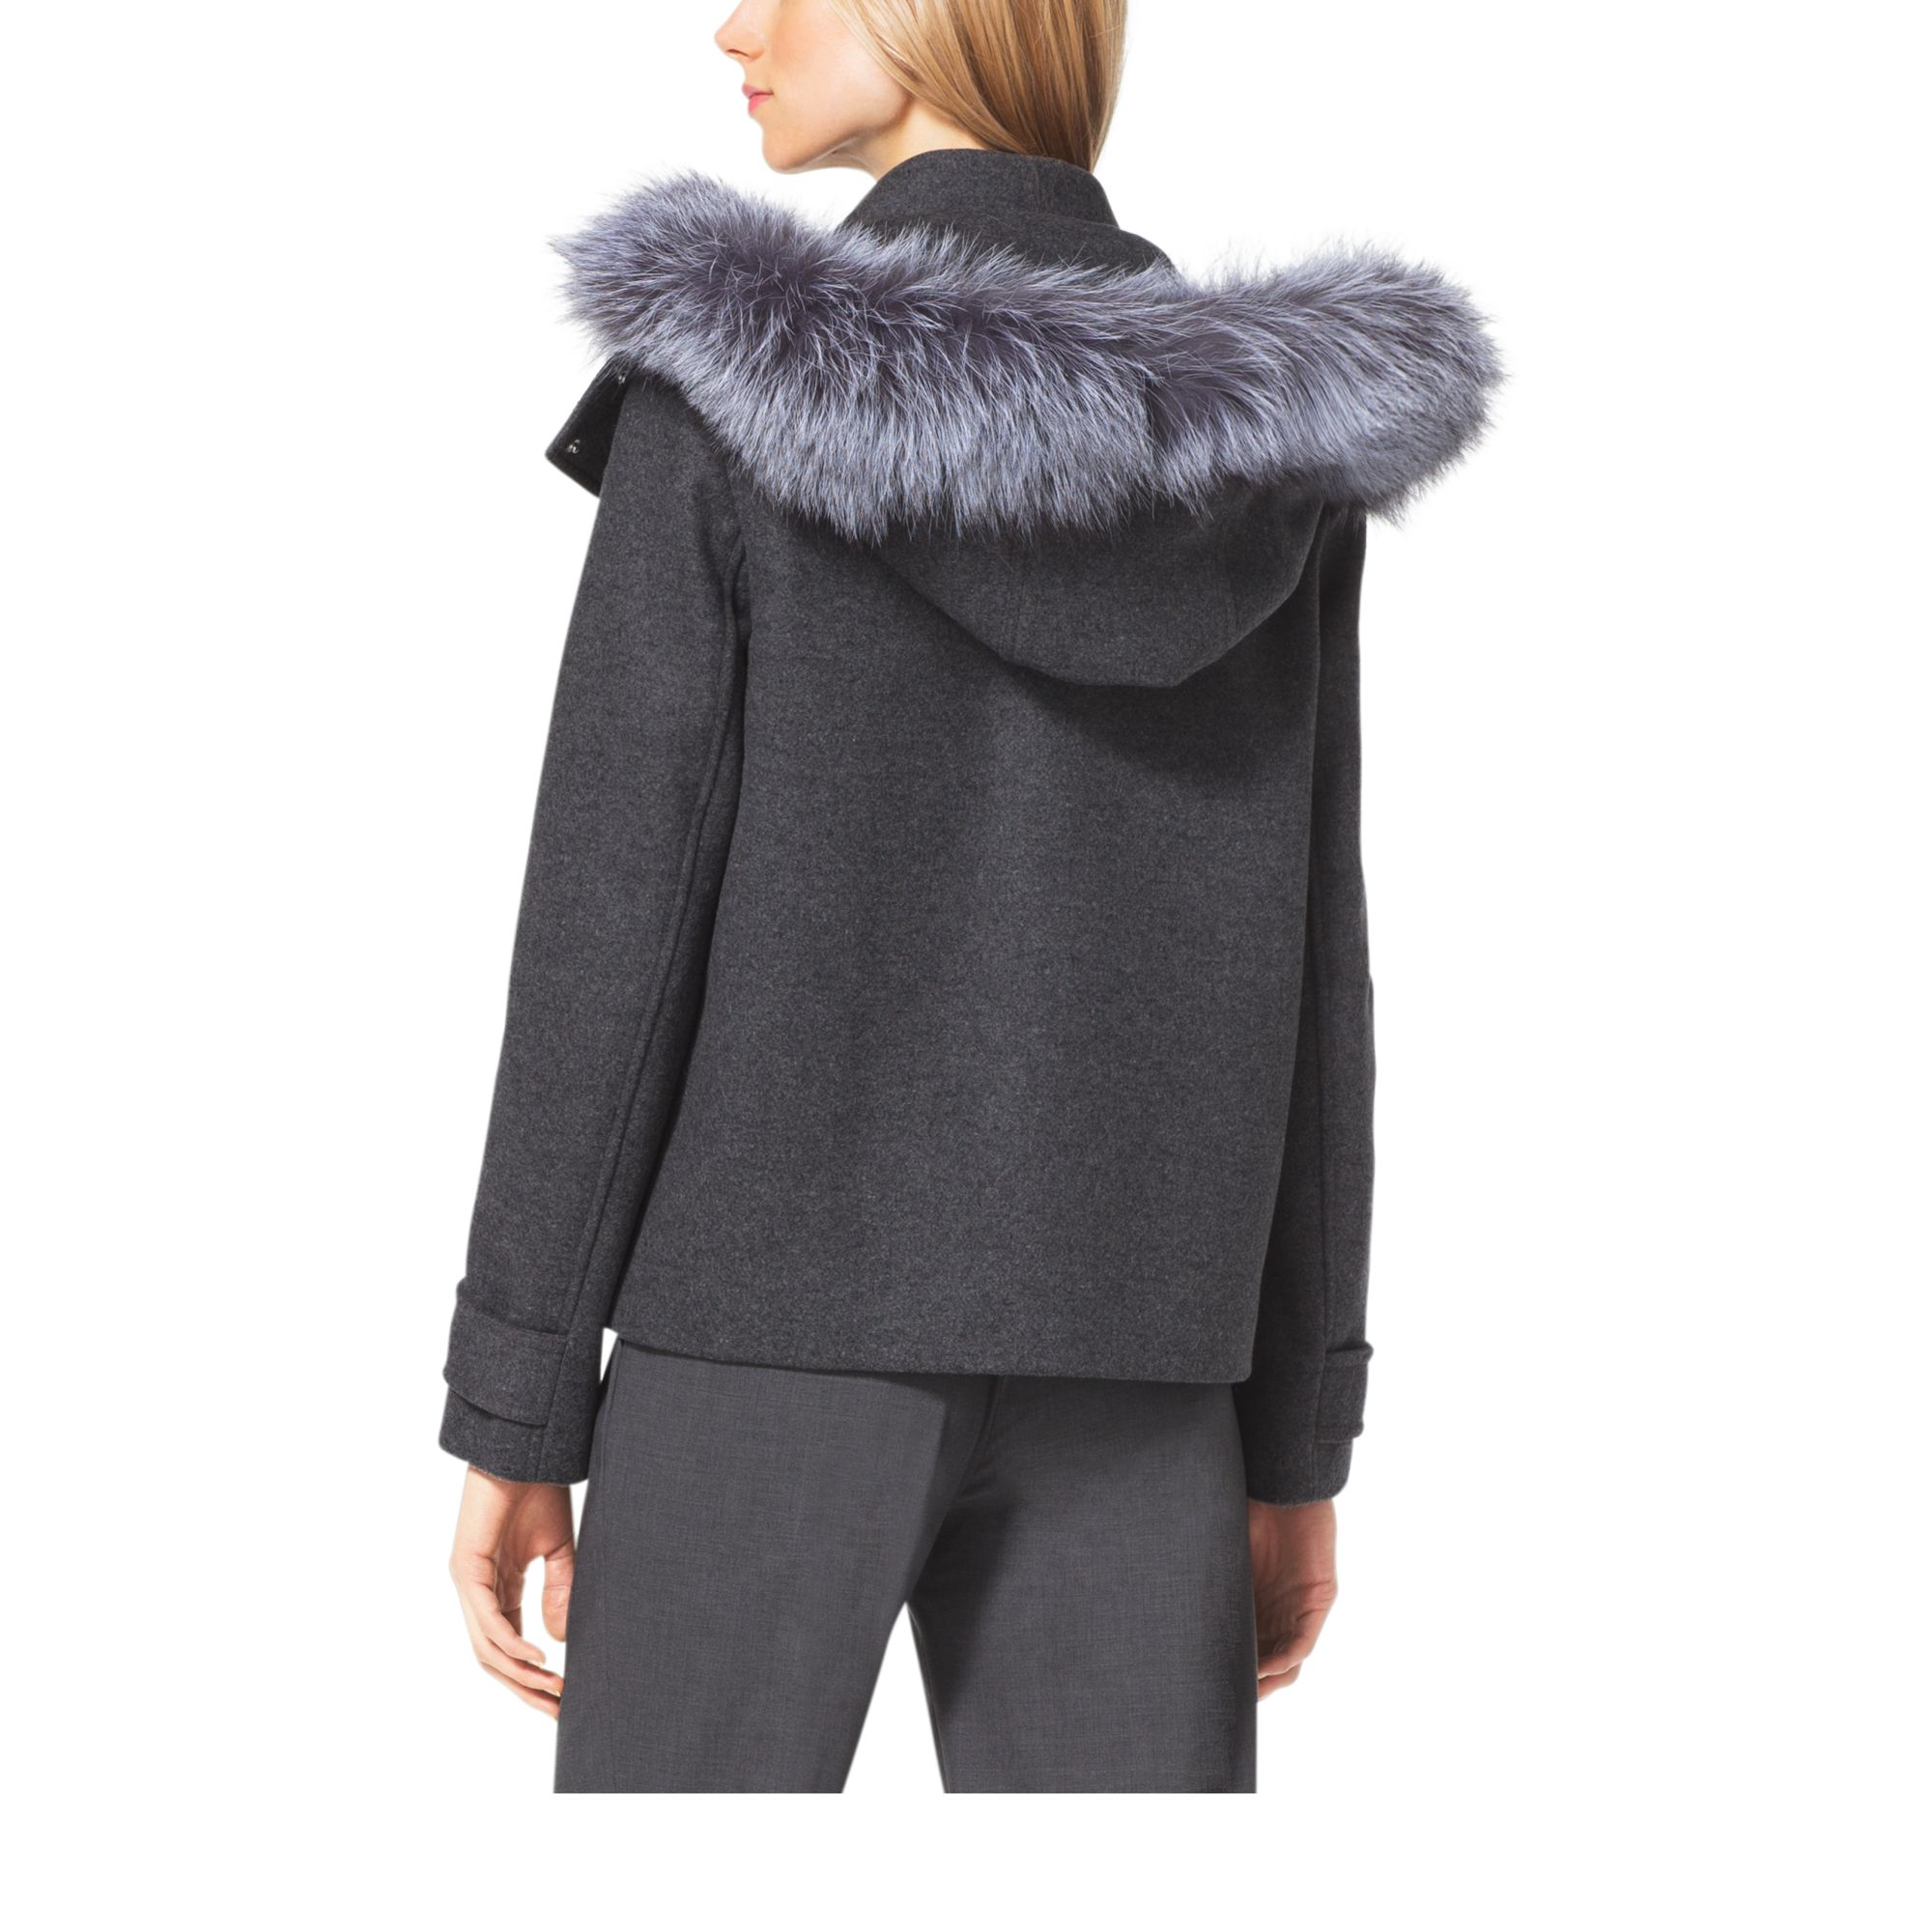 Michael kors Cropped Wool-melton Duffle Coat in Gray | Lyst